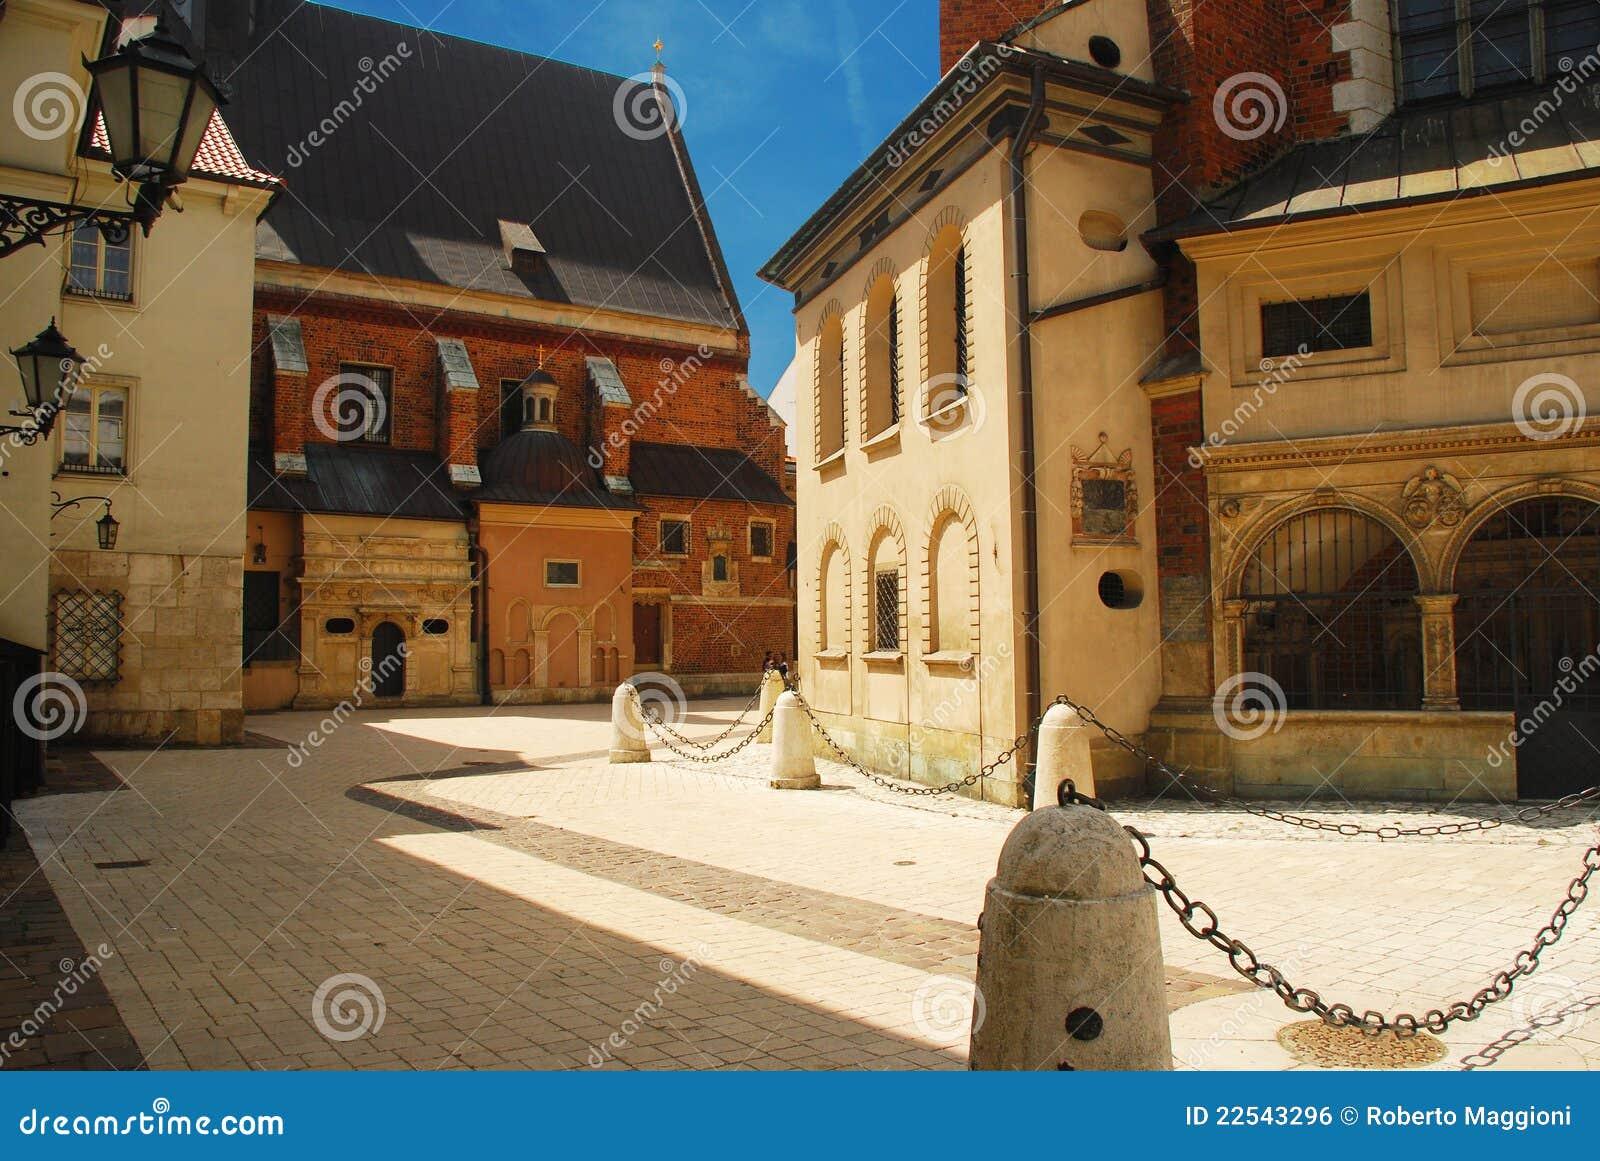 Krakow, Poland. Centro de cidade velho